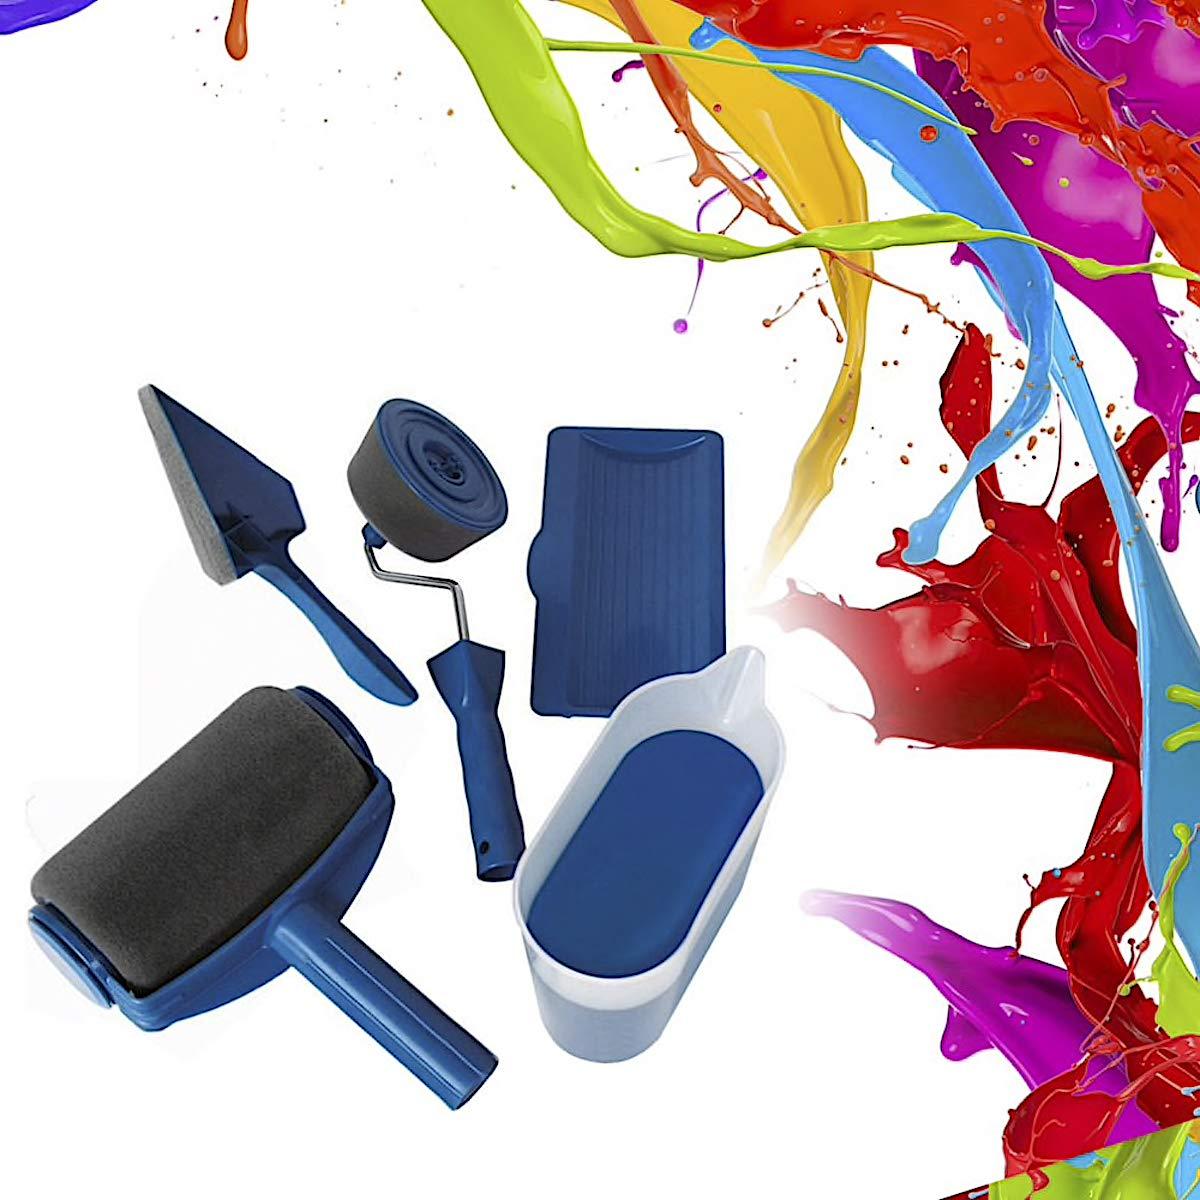 Rodillo de pintura para pintar, 5 piezas, sistema de pintura con depó sito rellenable, bricolaje, pintar sistema de pintura con depósito rellenable Bluebd